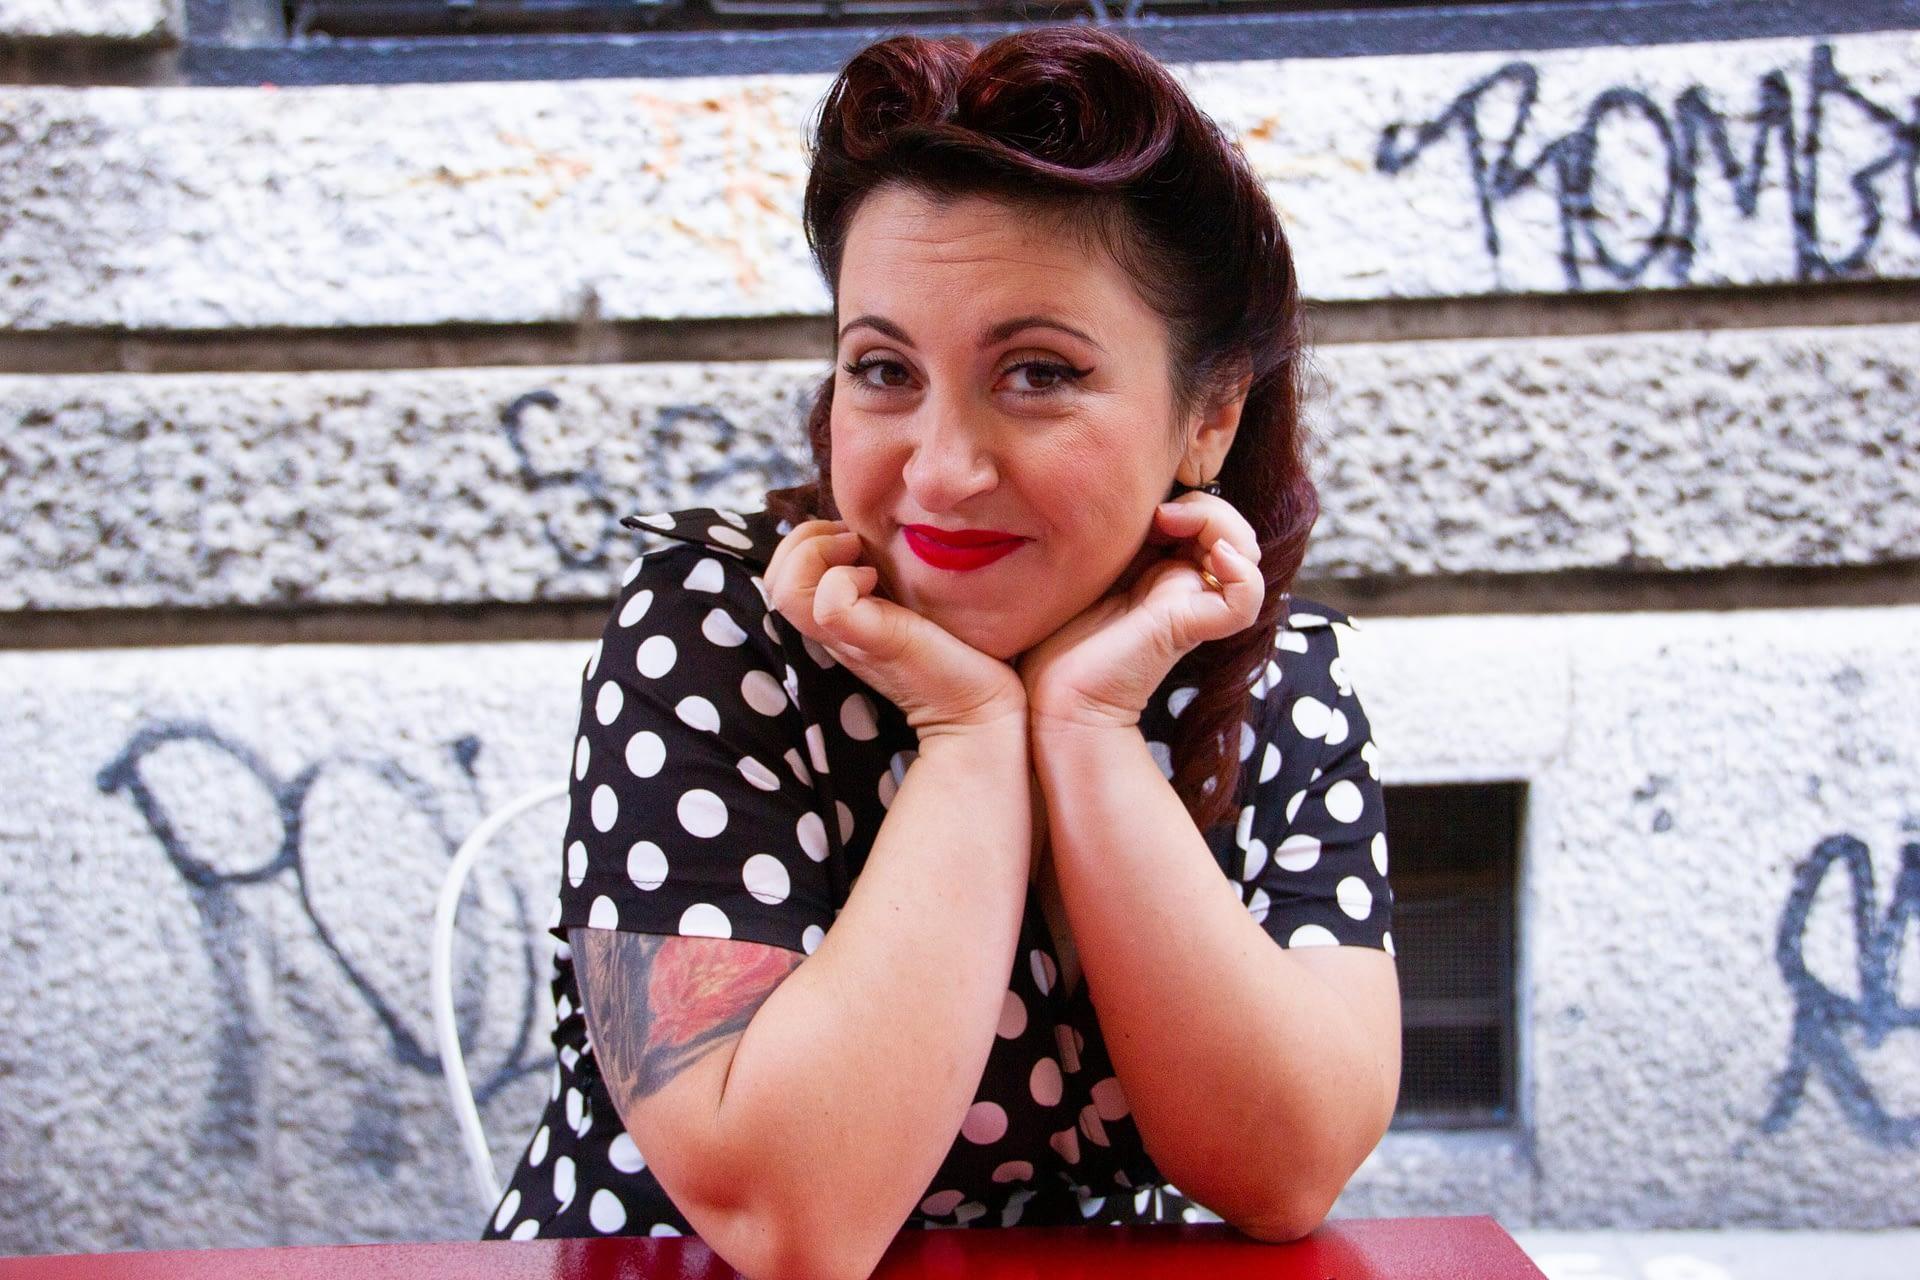 Alessia Lobascio, consulente digitale dall'anima un po' geek